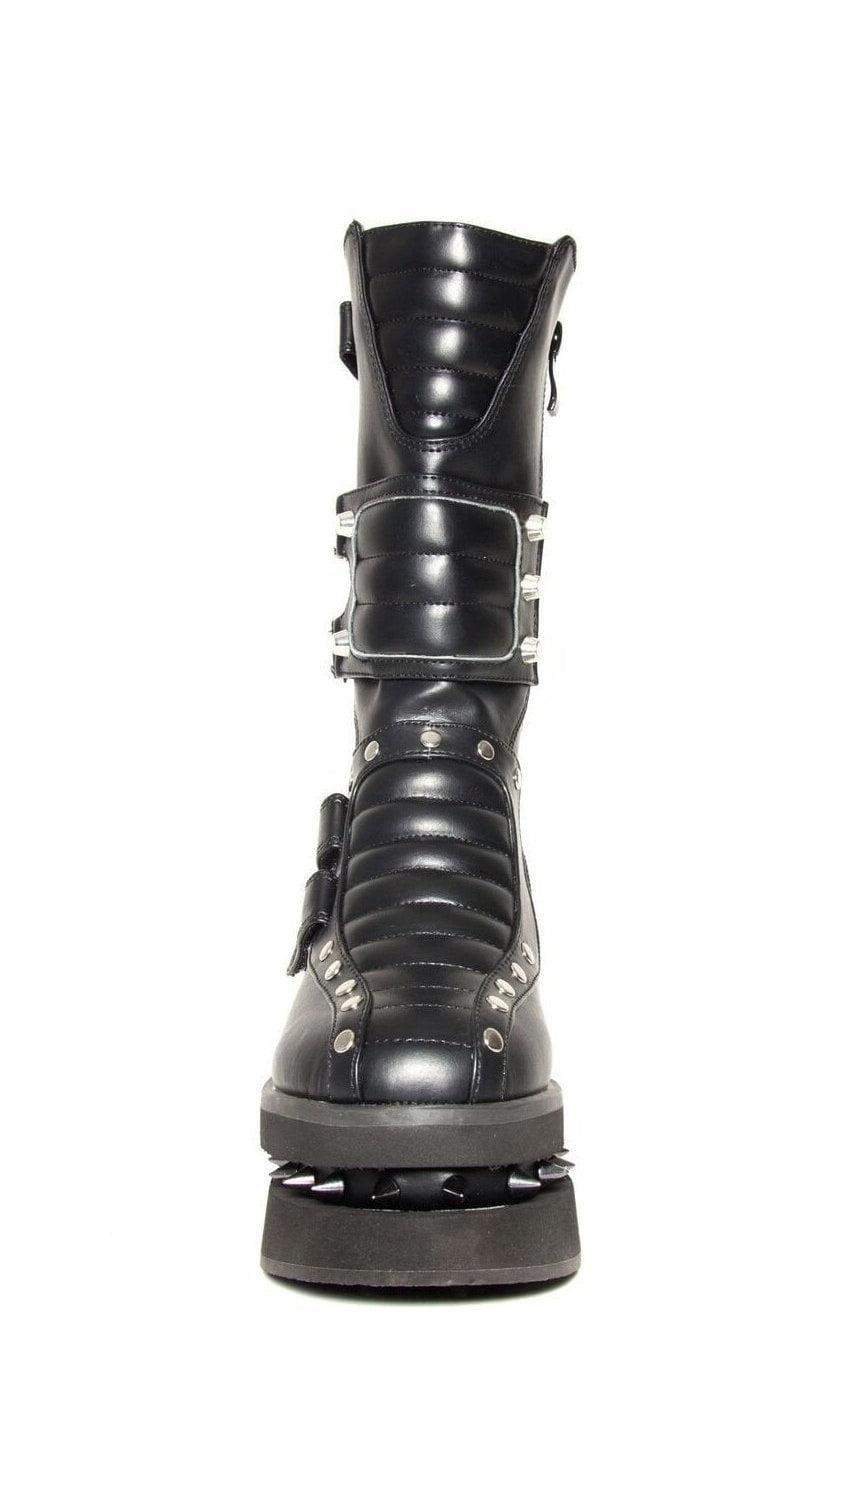 Hades Shoes H-Storm Storm / Trooper Platform Boots Black / Storm 10 123786